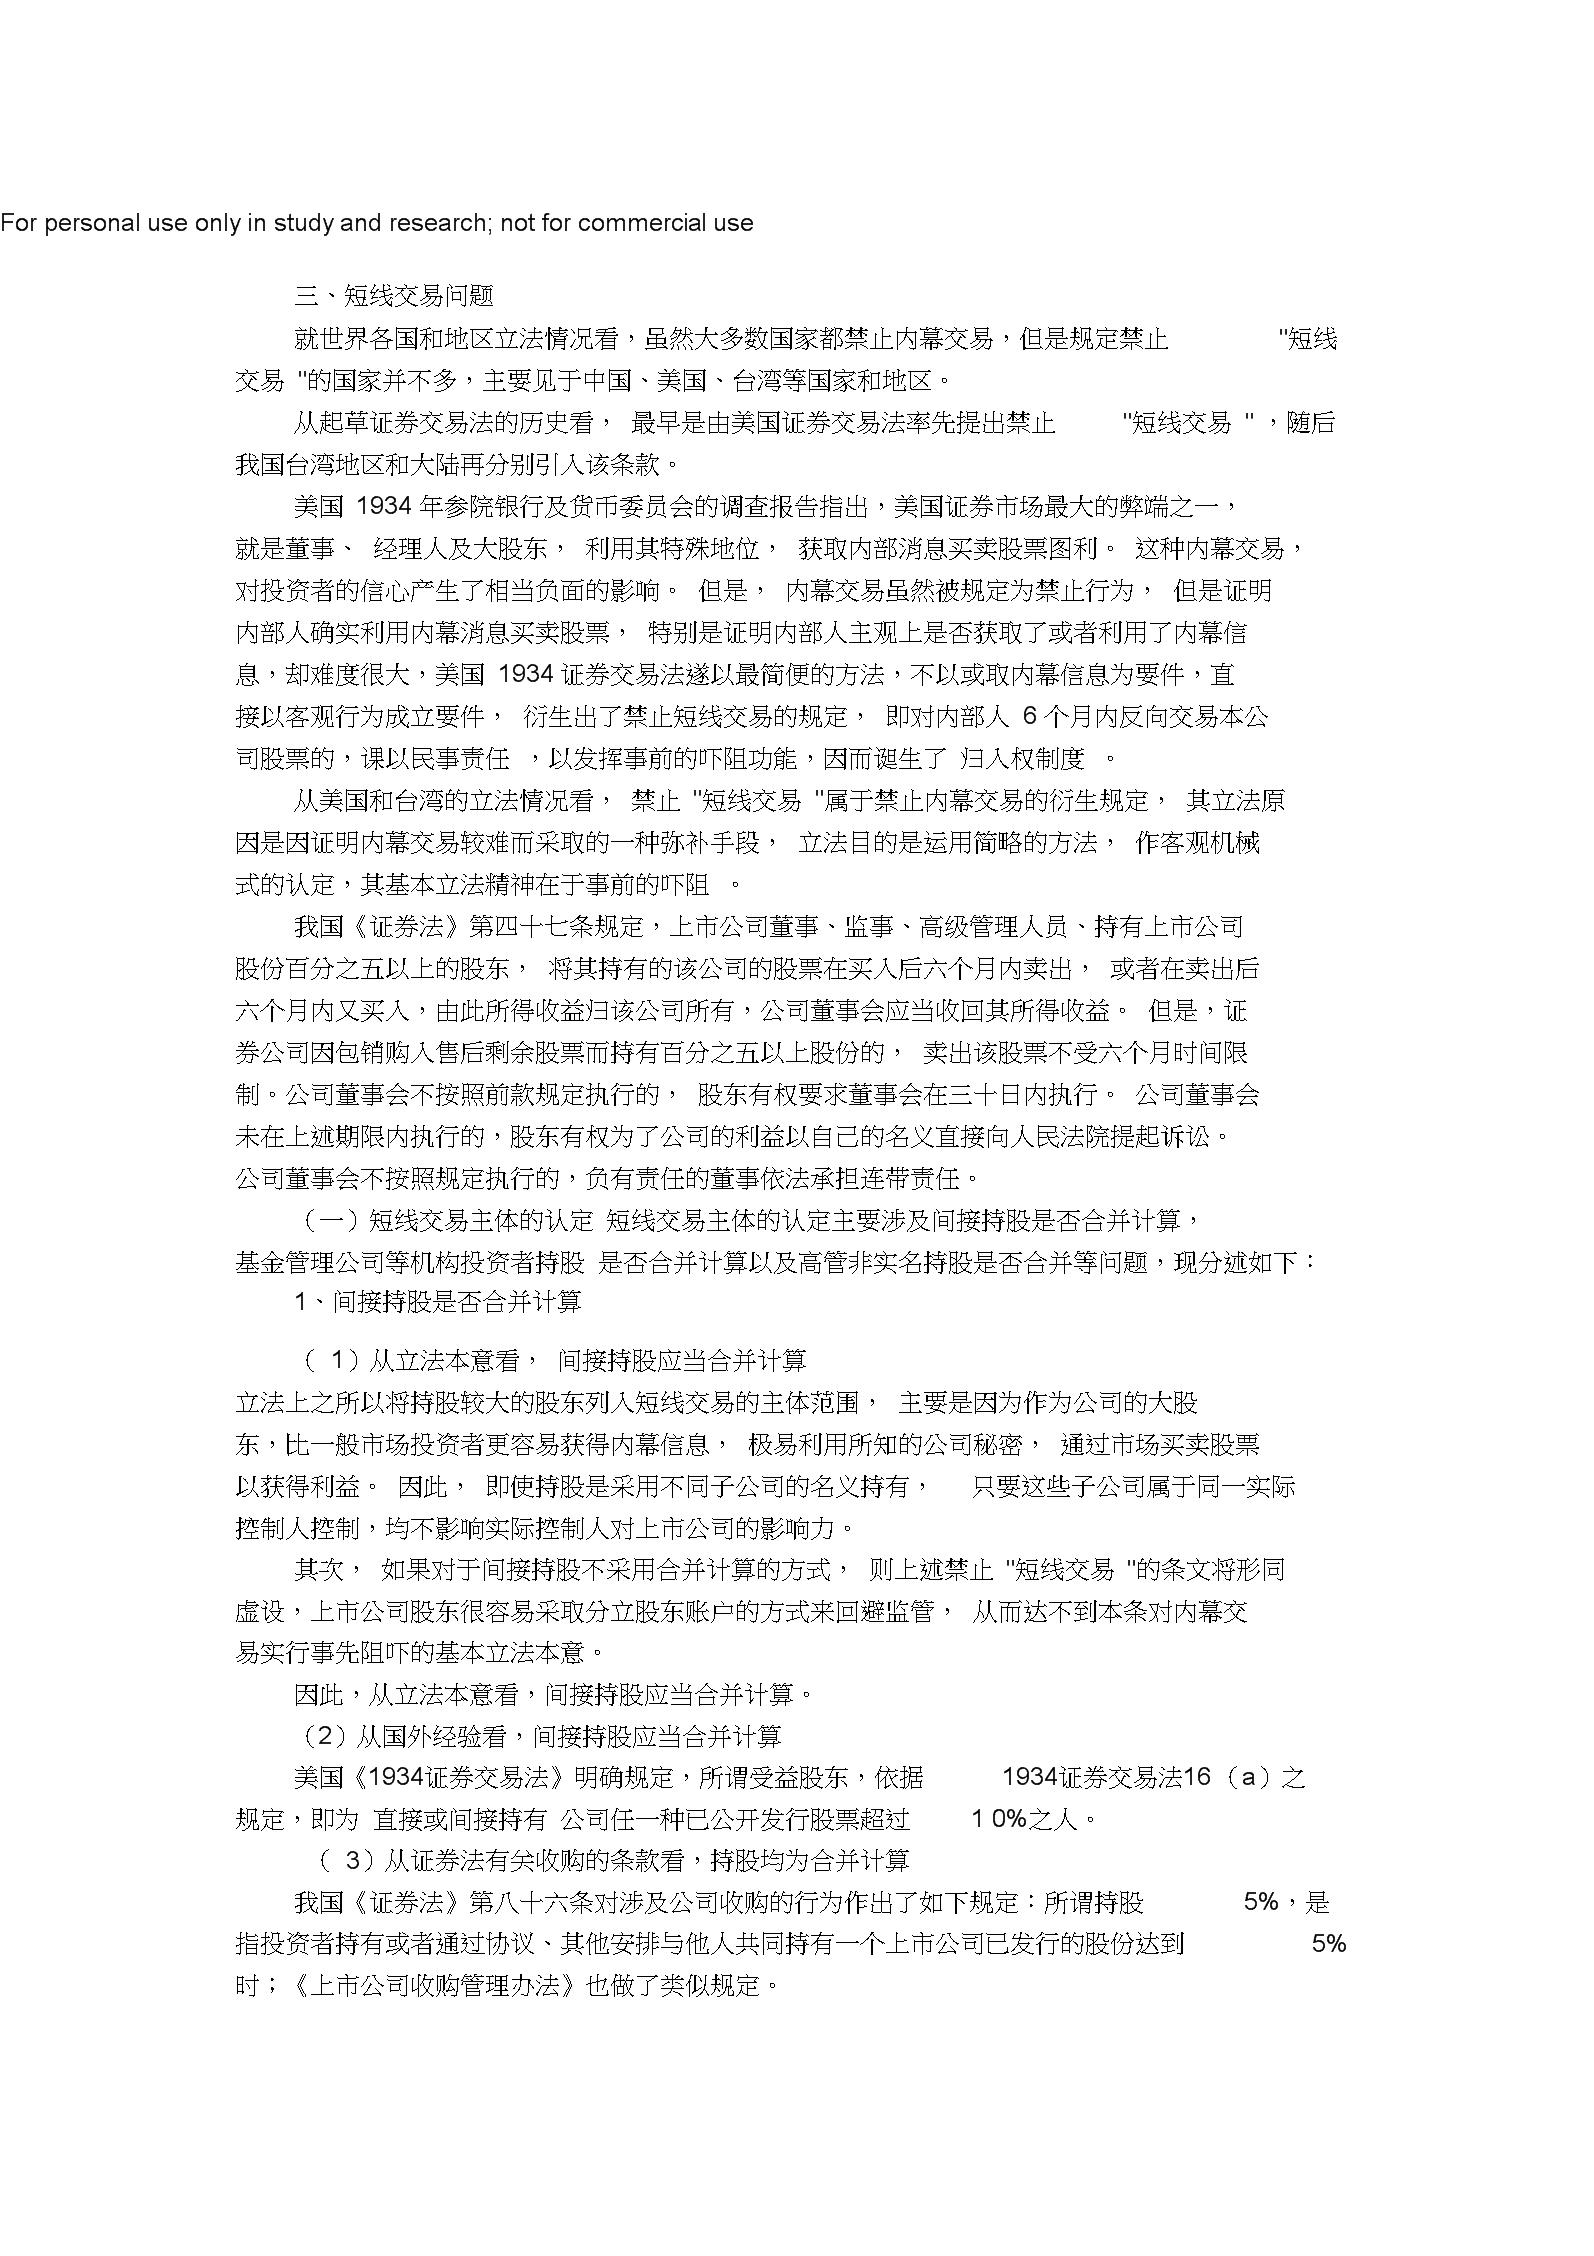 短线交易问题.docx